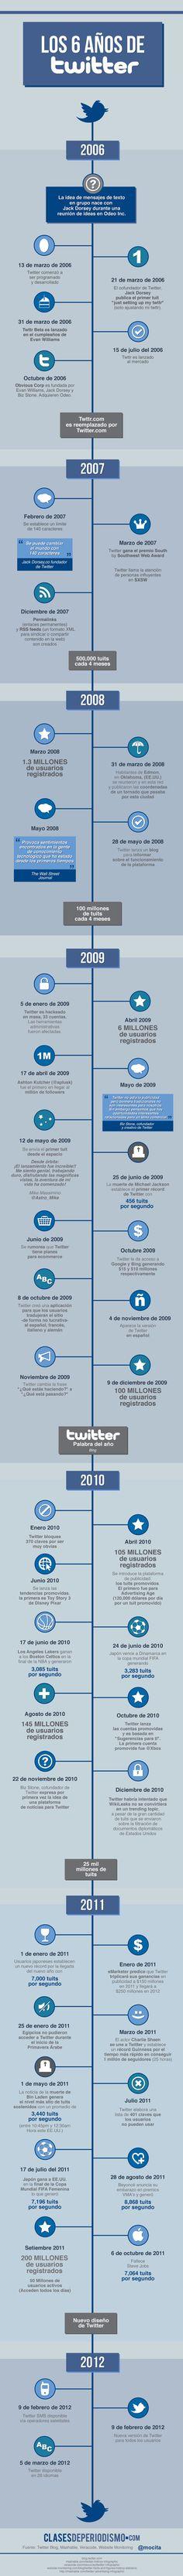 Los 6 años de Twitter #Infografia